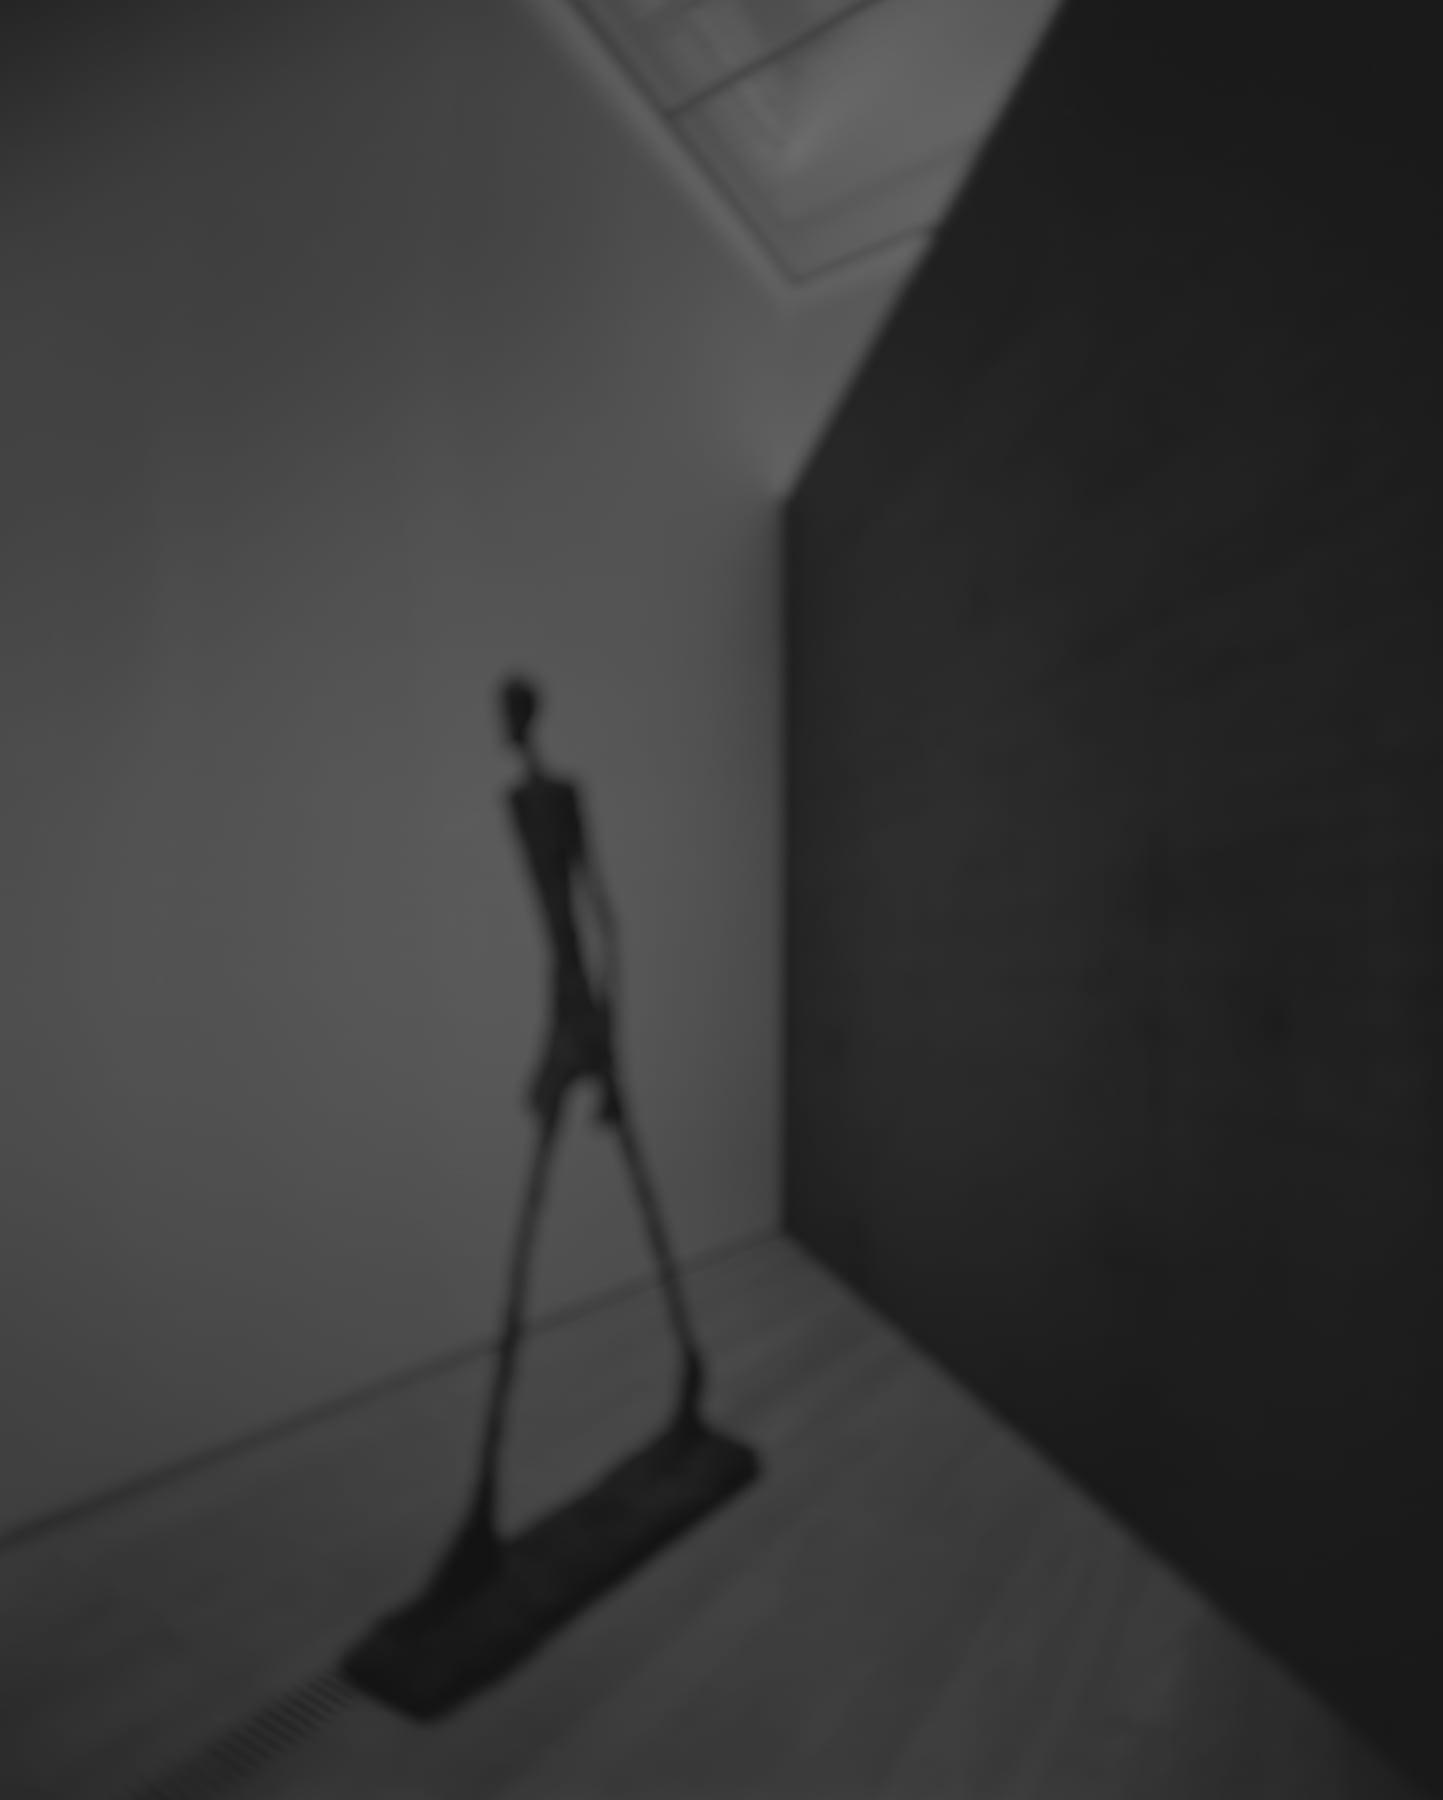 Hiroshi Sugimoto, Past Presence 071, L'homme qui marche II, Alberto Giacometti, 2016